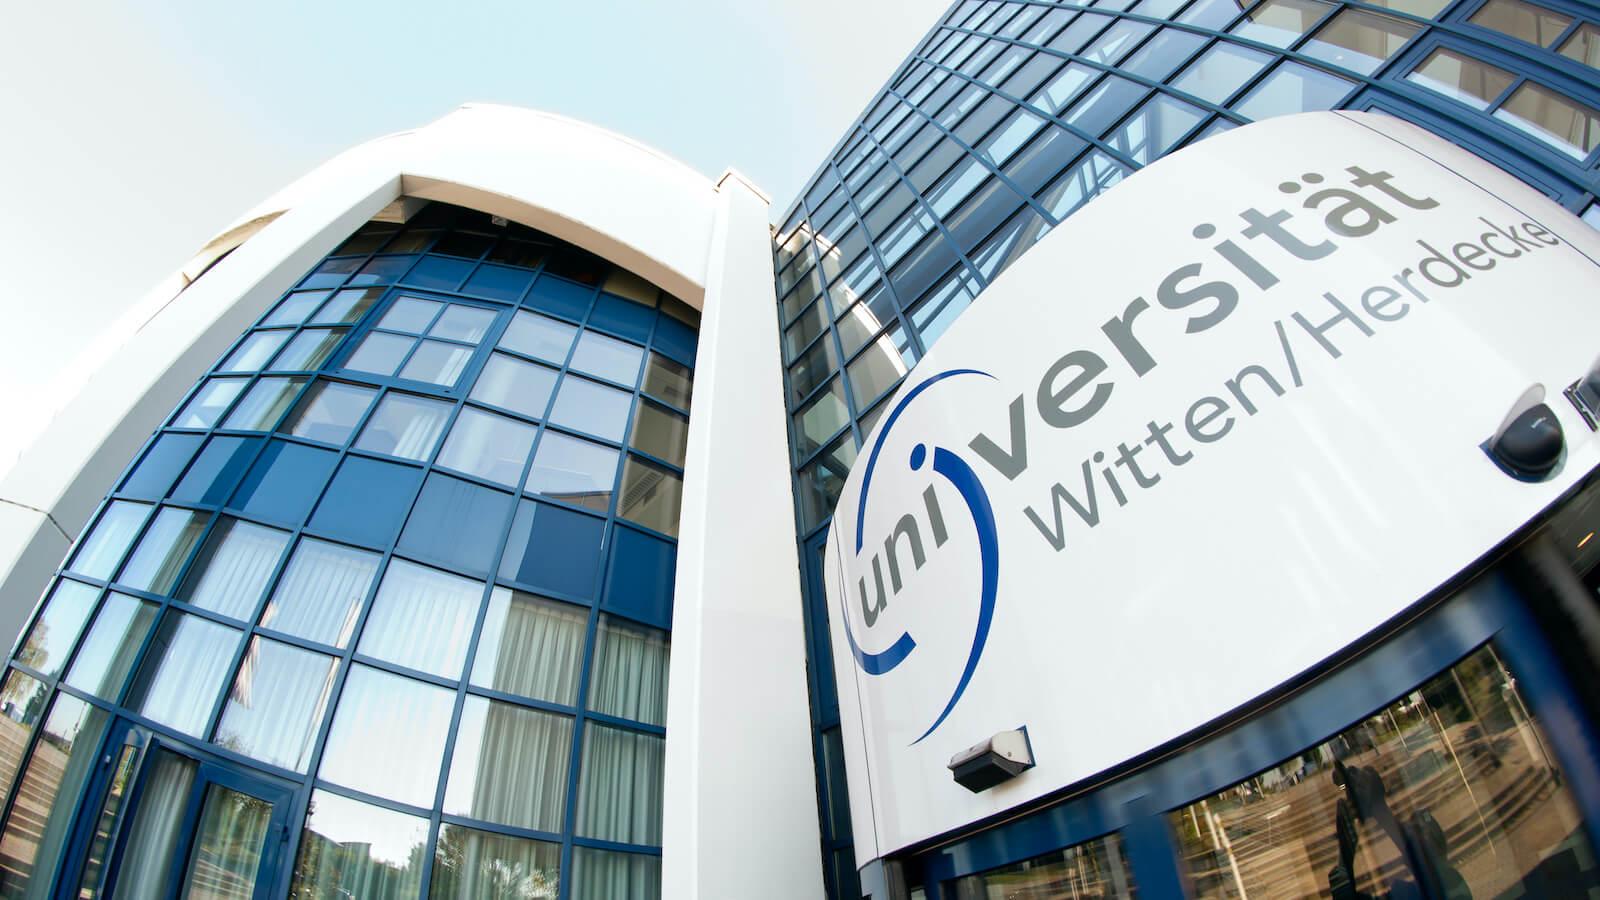 Die Universität Witten/Herdecke